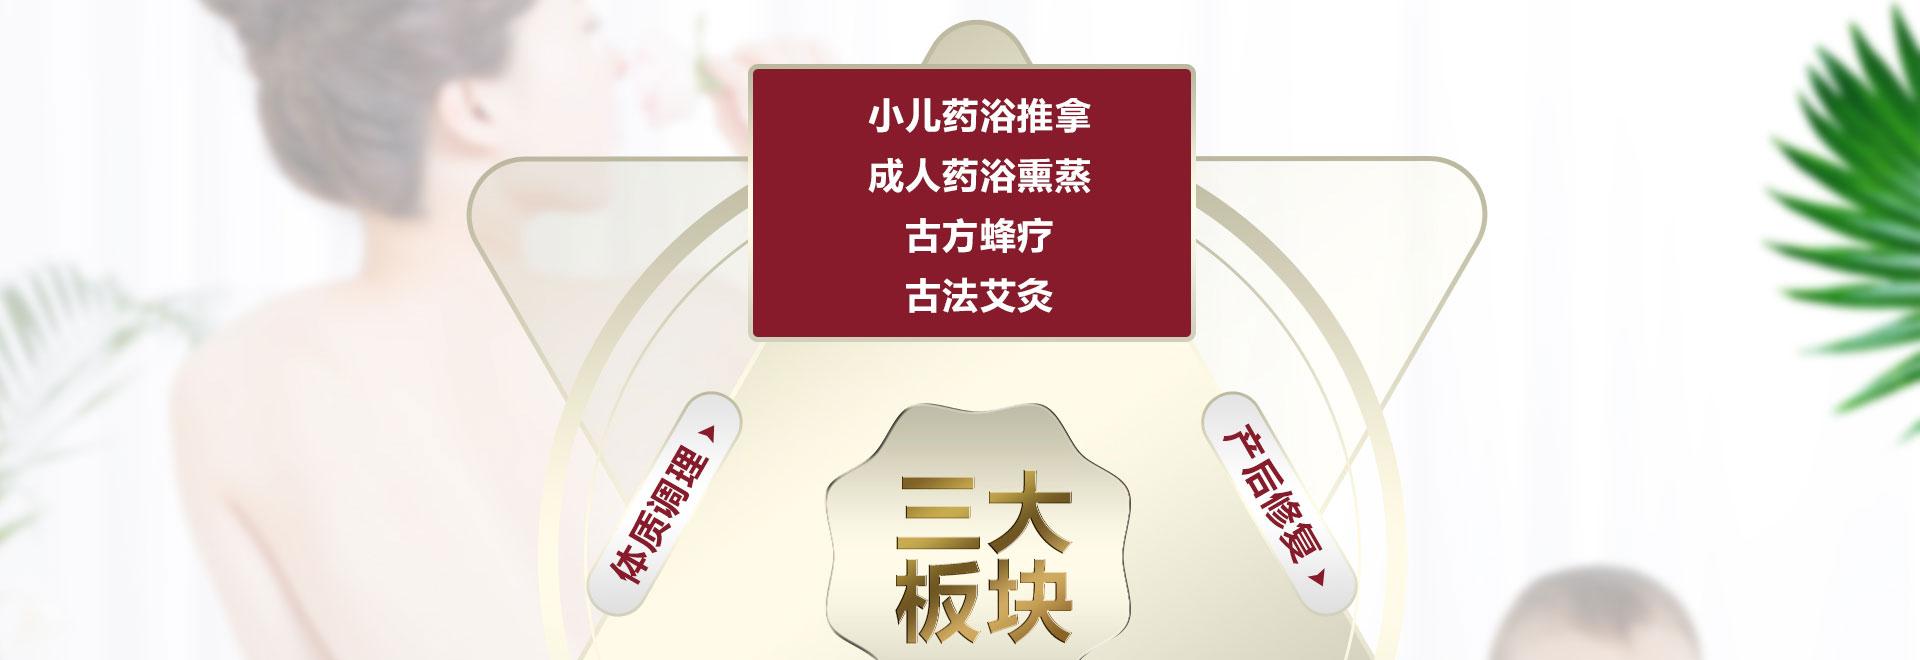 悦芝堂母婴产康全周期管理yzt_08